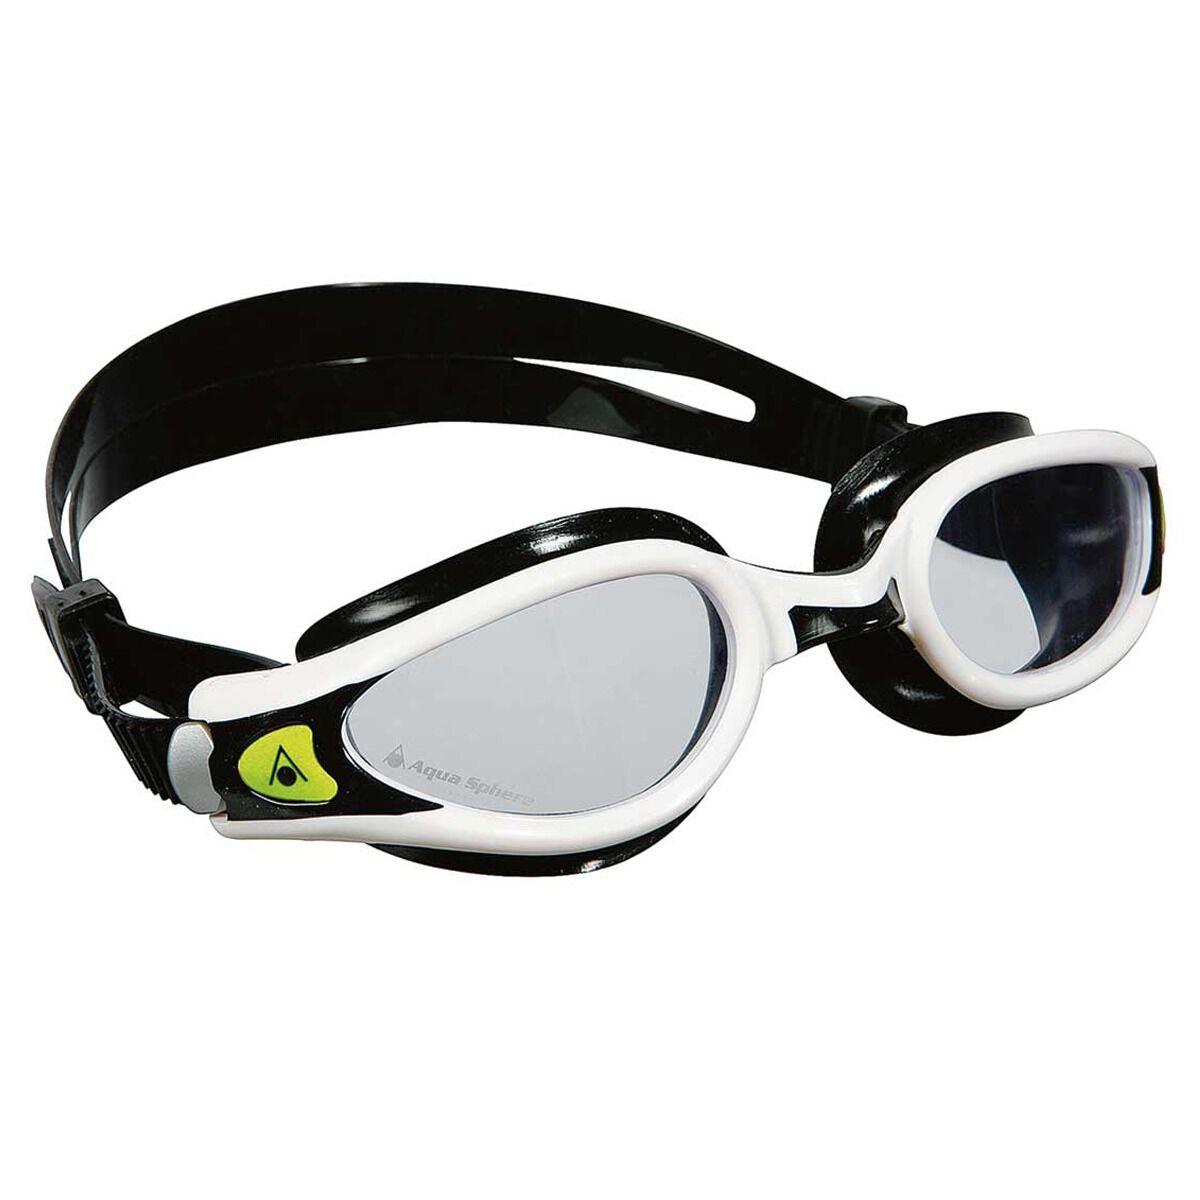 d83d54cc4e3 Aquasphere kaiman exo clear lens senior swim goggles rebel hi res jpg  1000x1000 Aquasphere goggles